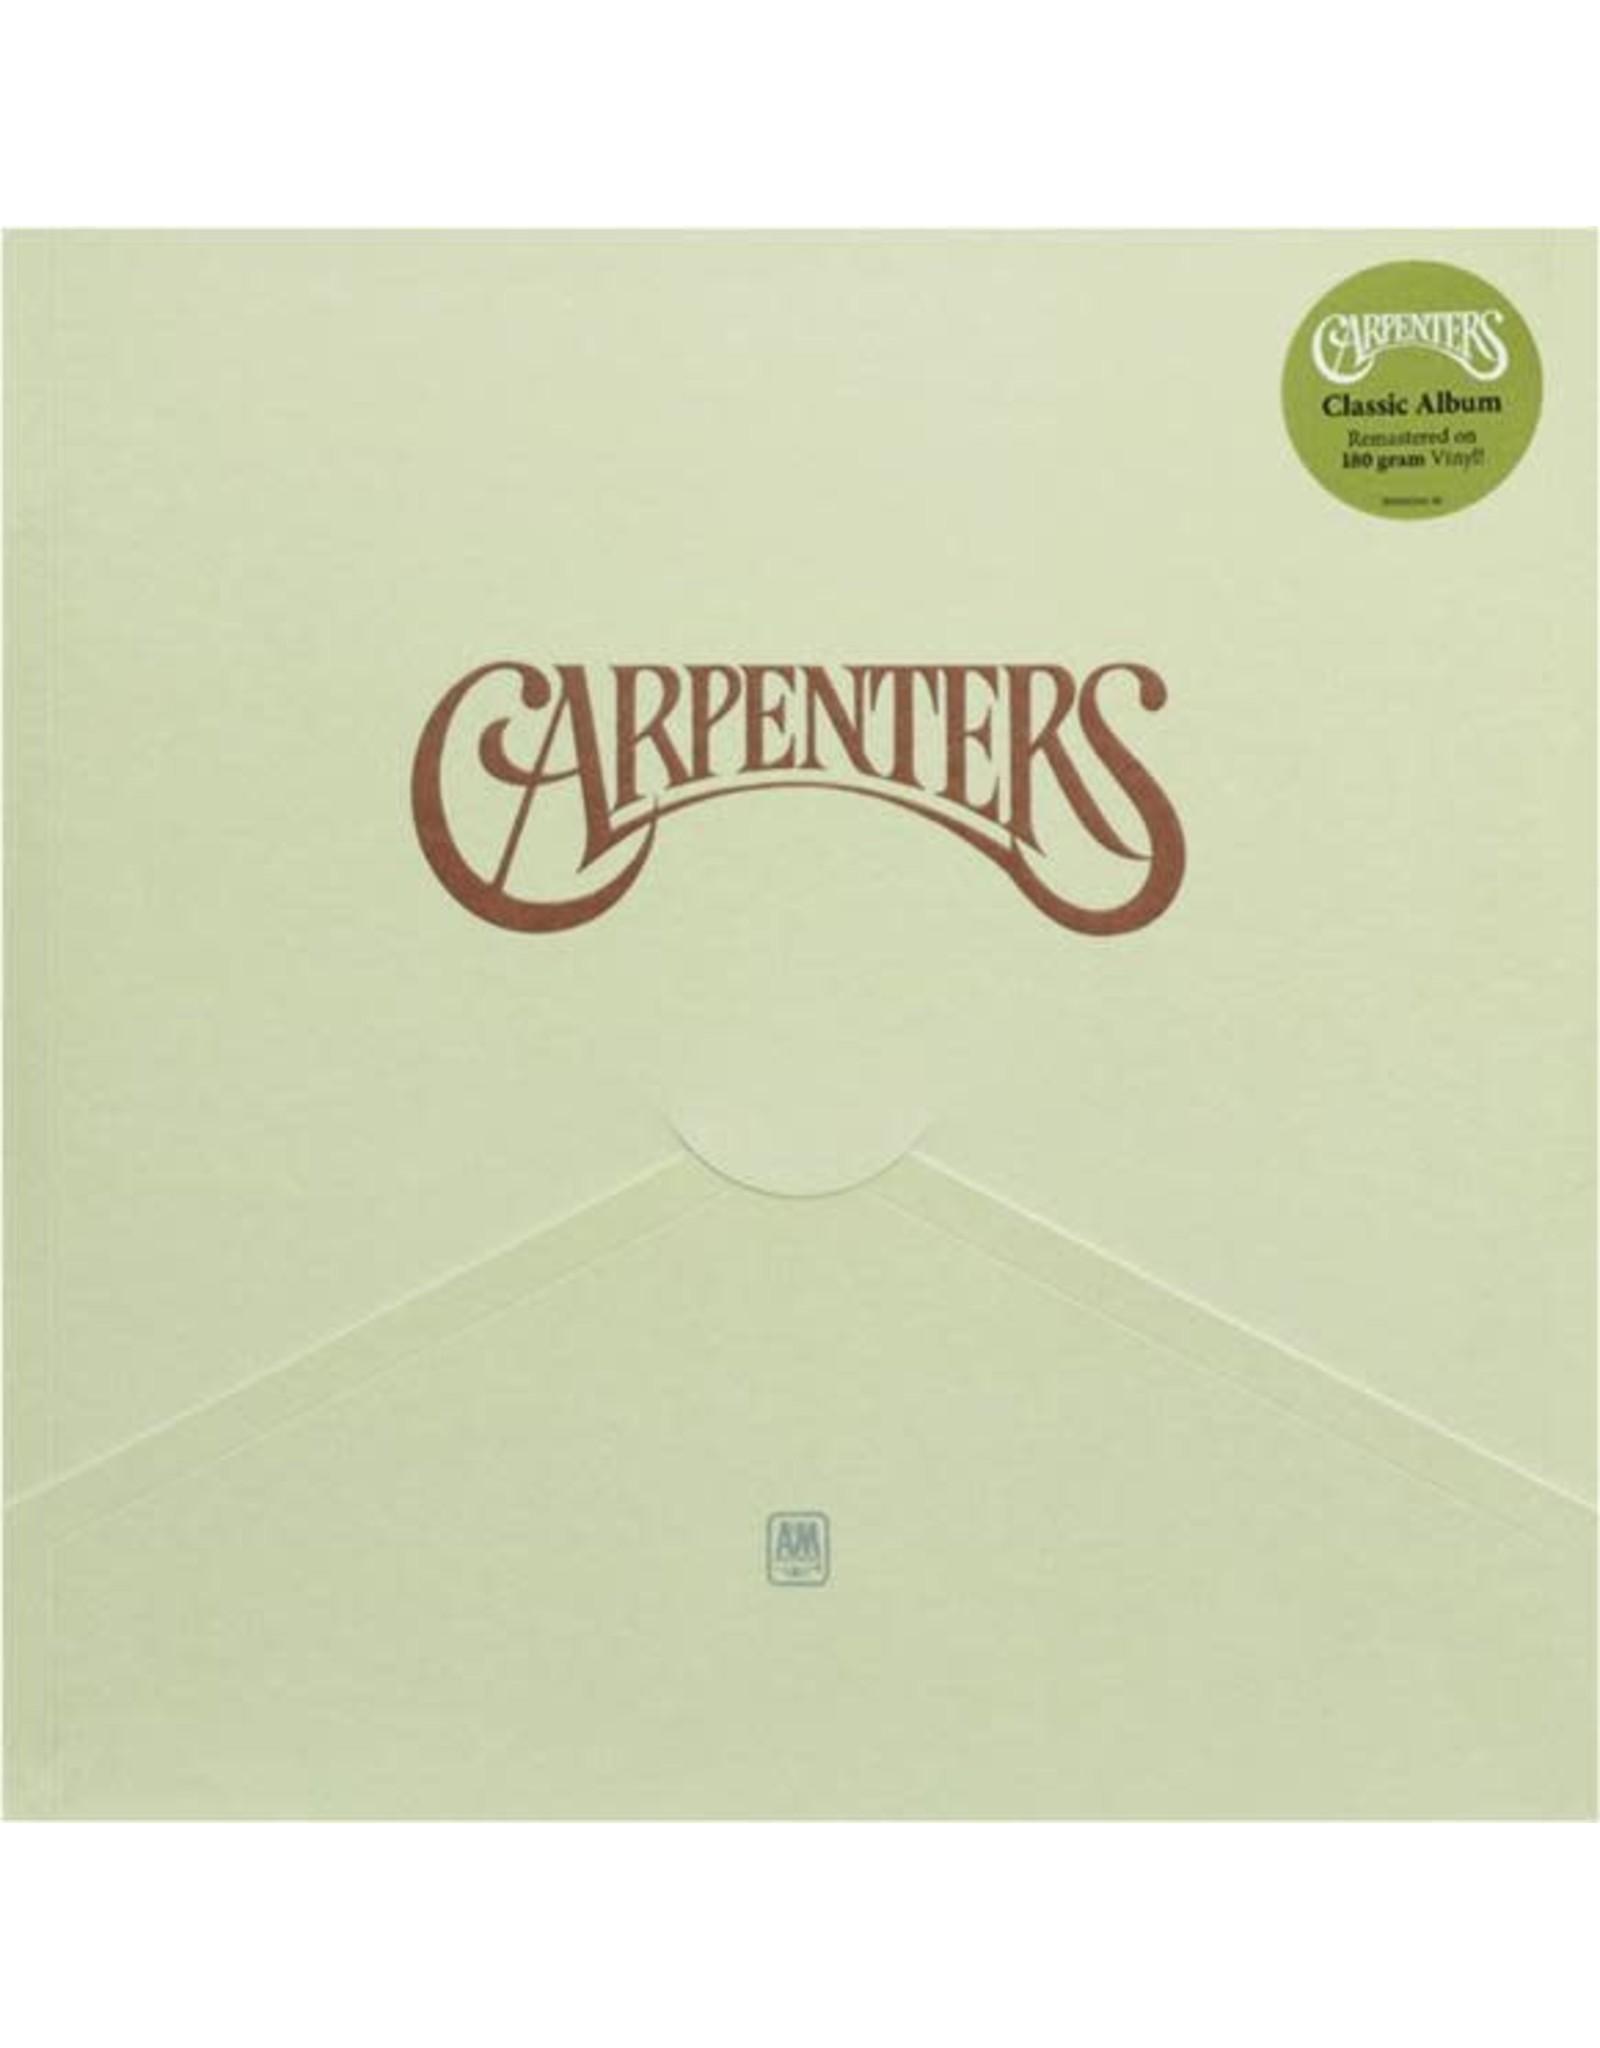 New Vinyl Carpenters - S/T LP